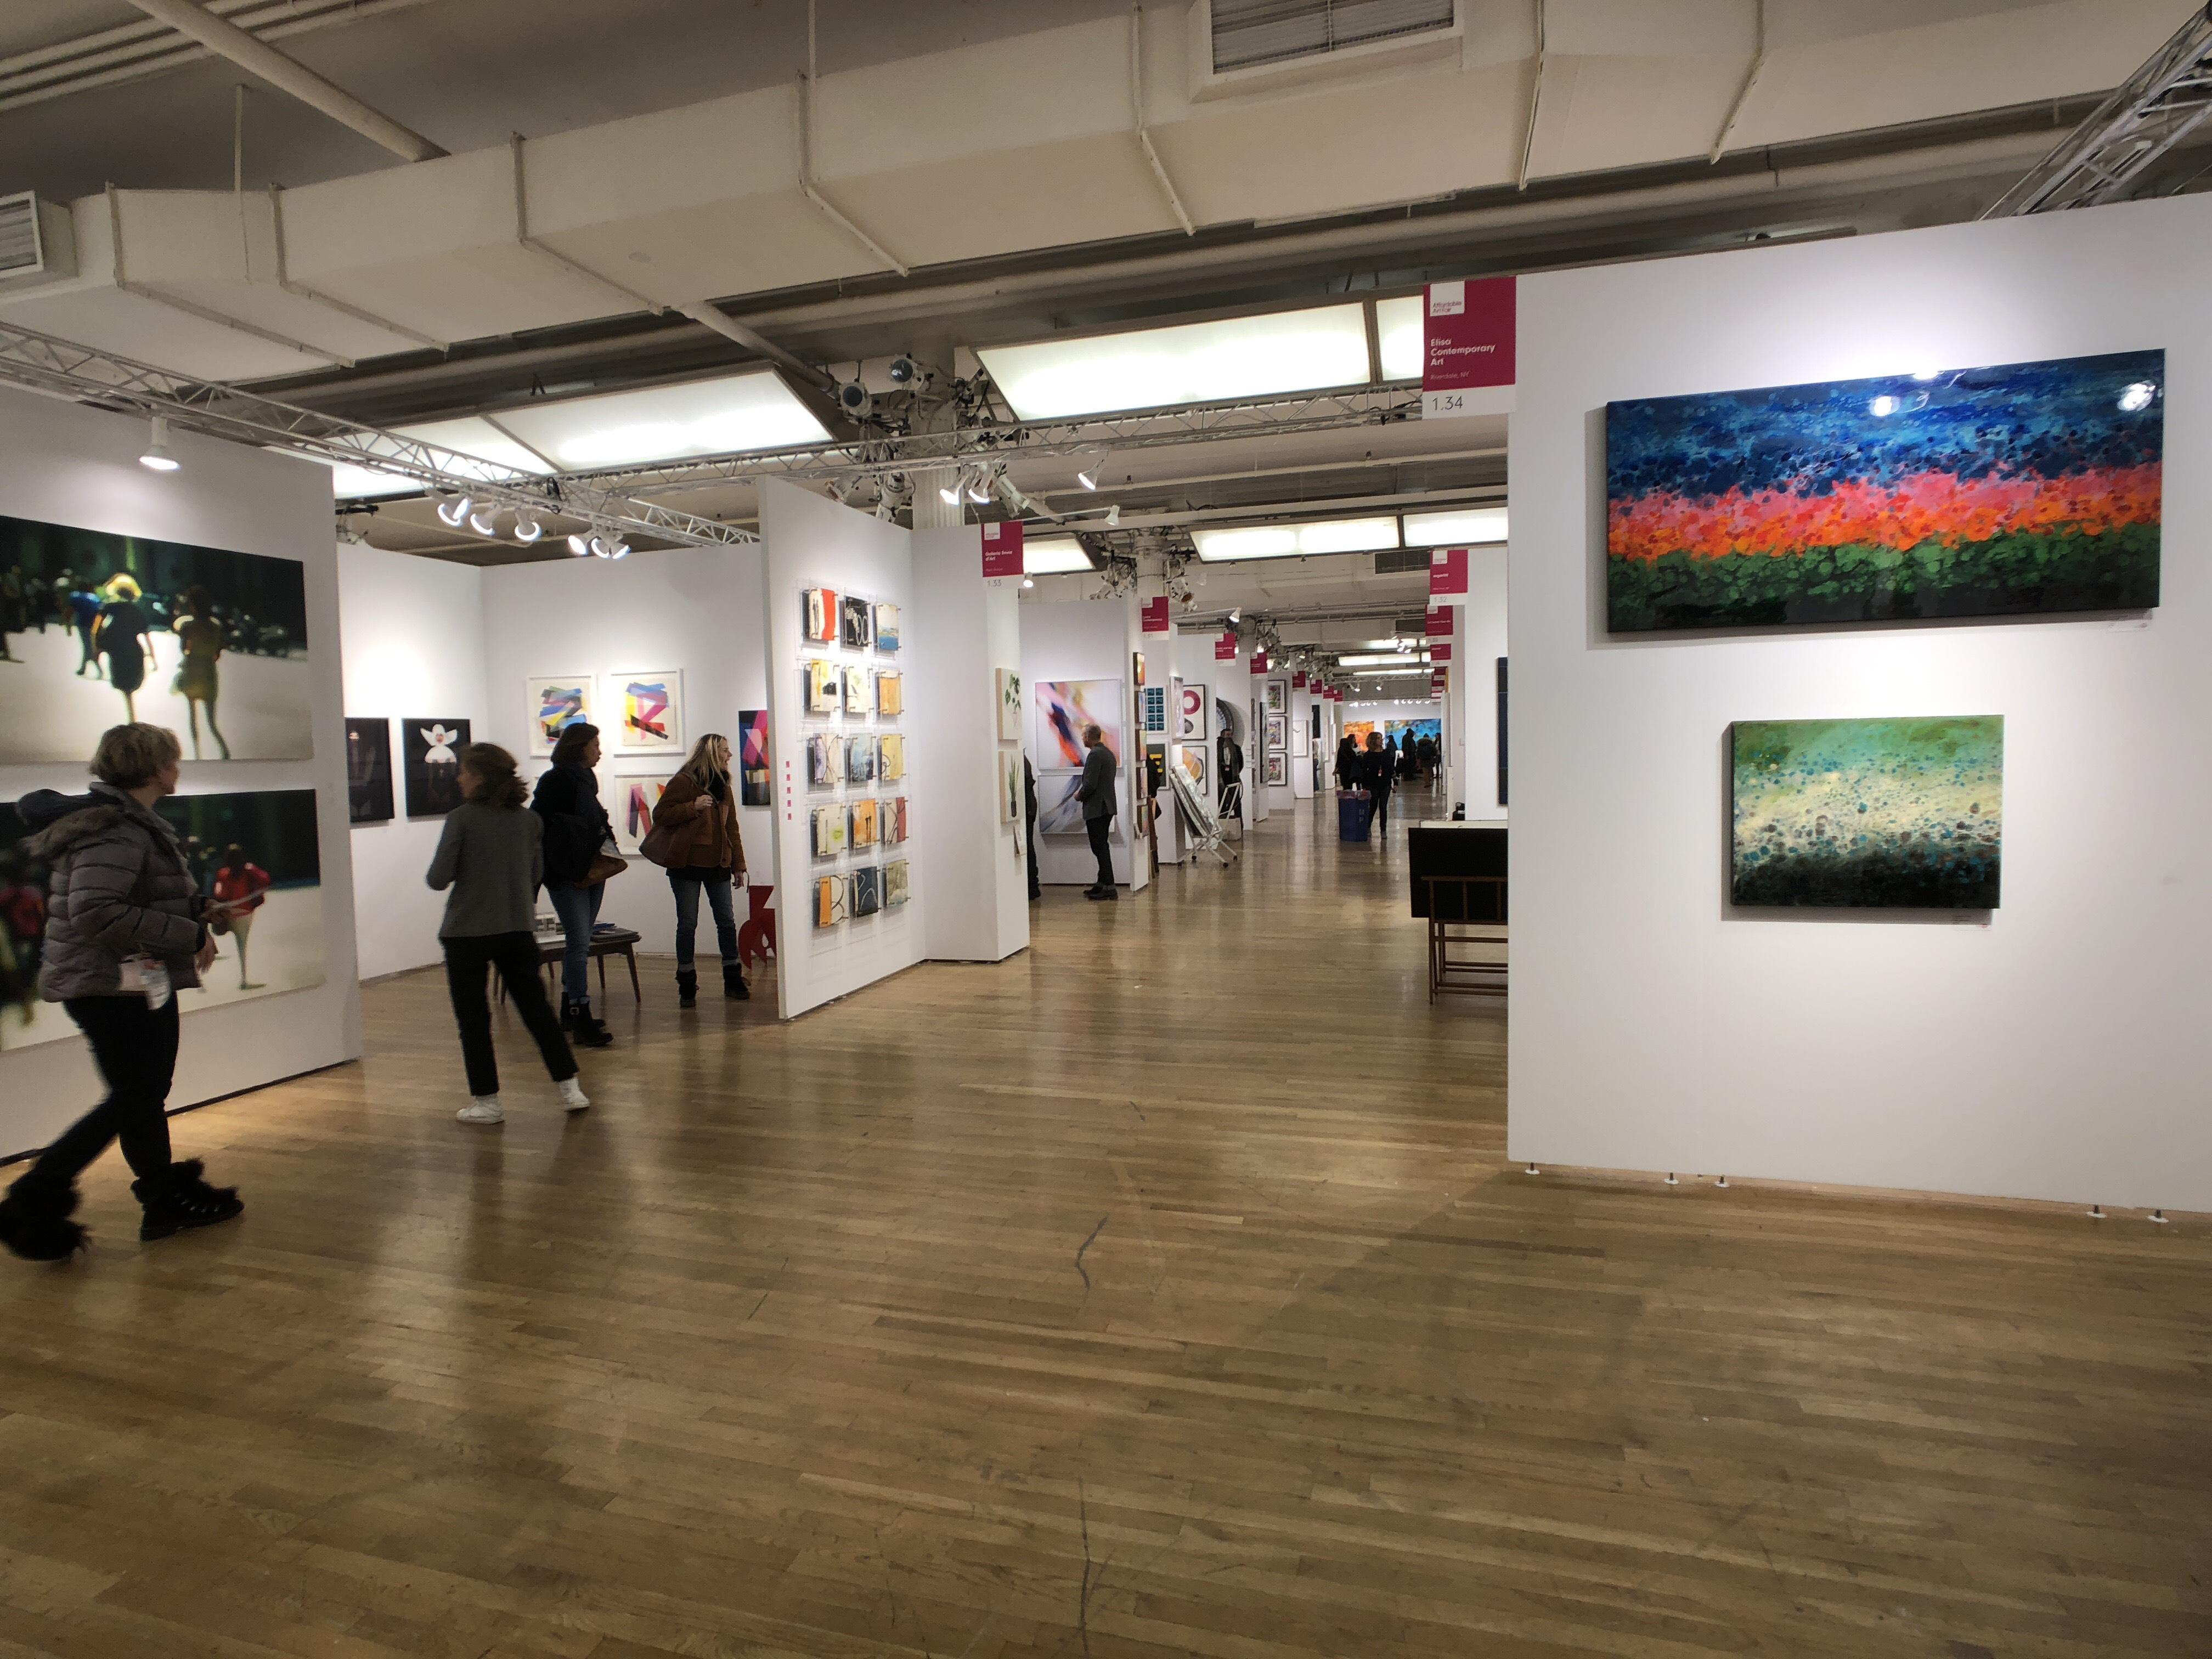 Art Gallery People Watching